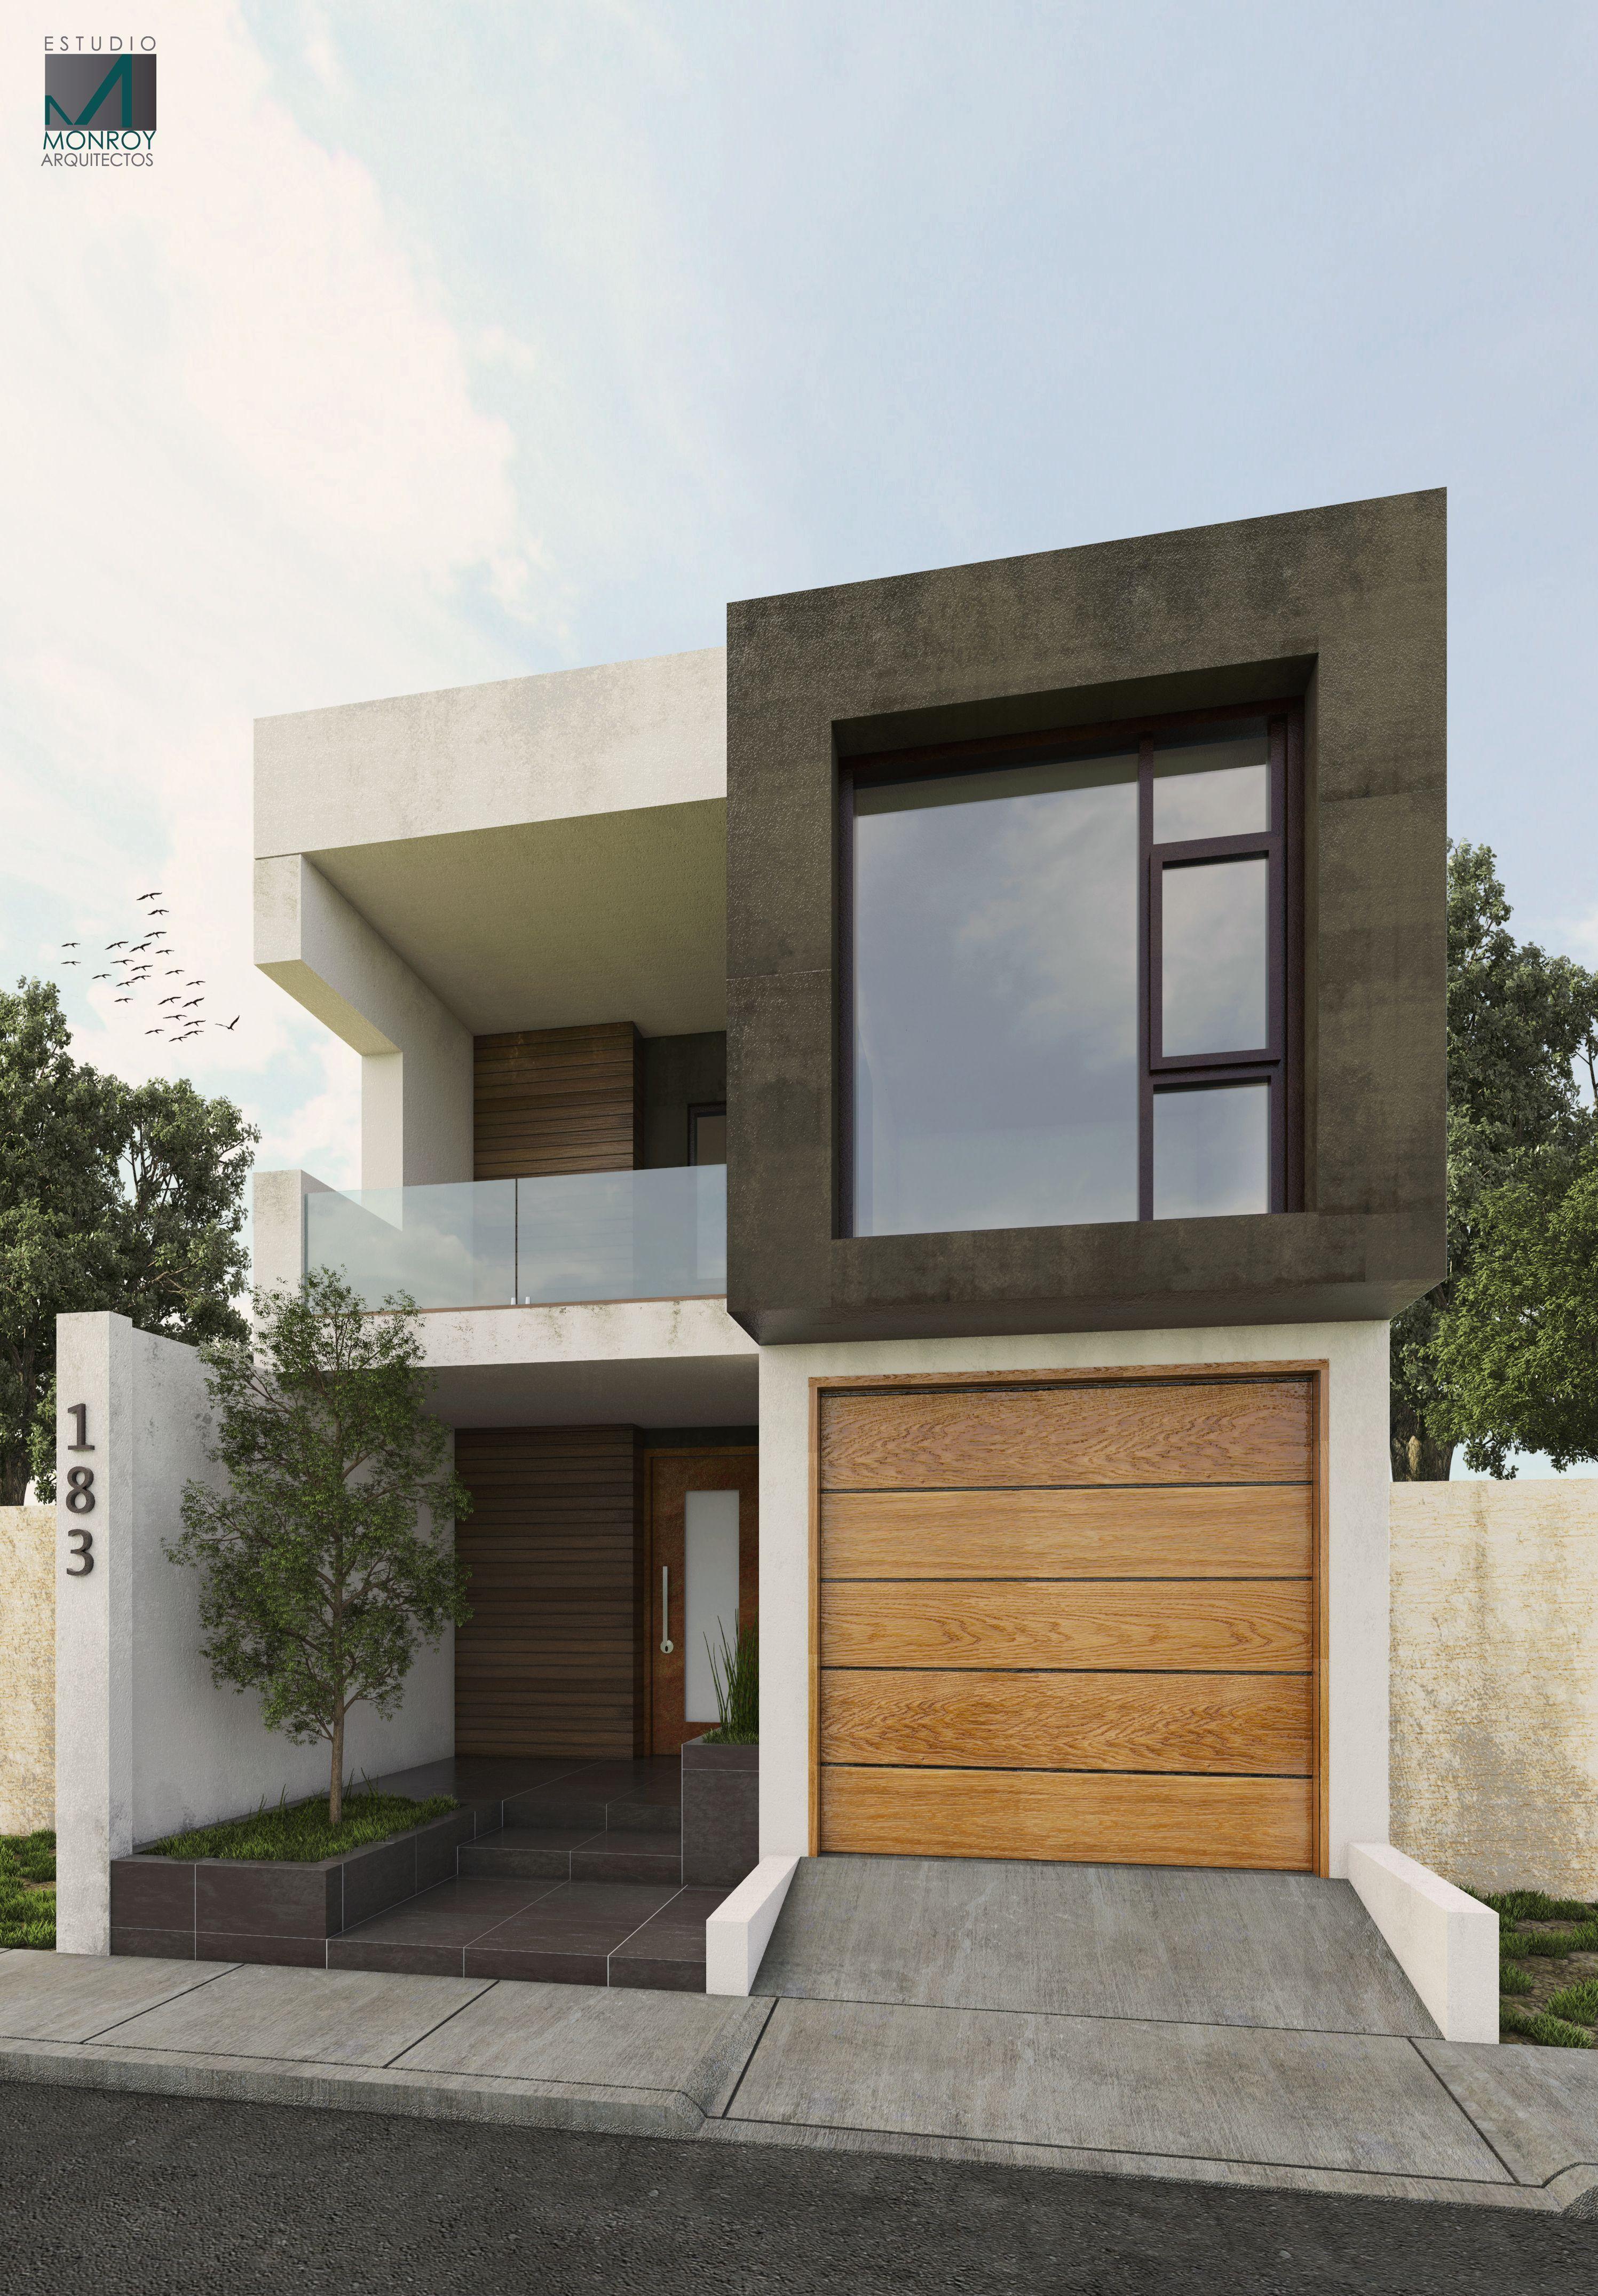 Projeto remodelaci n fachada contempor nea estudio - Estudio 3 arquitectos ...